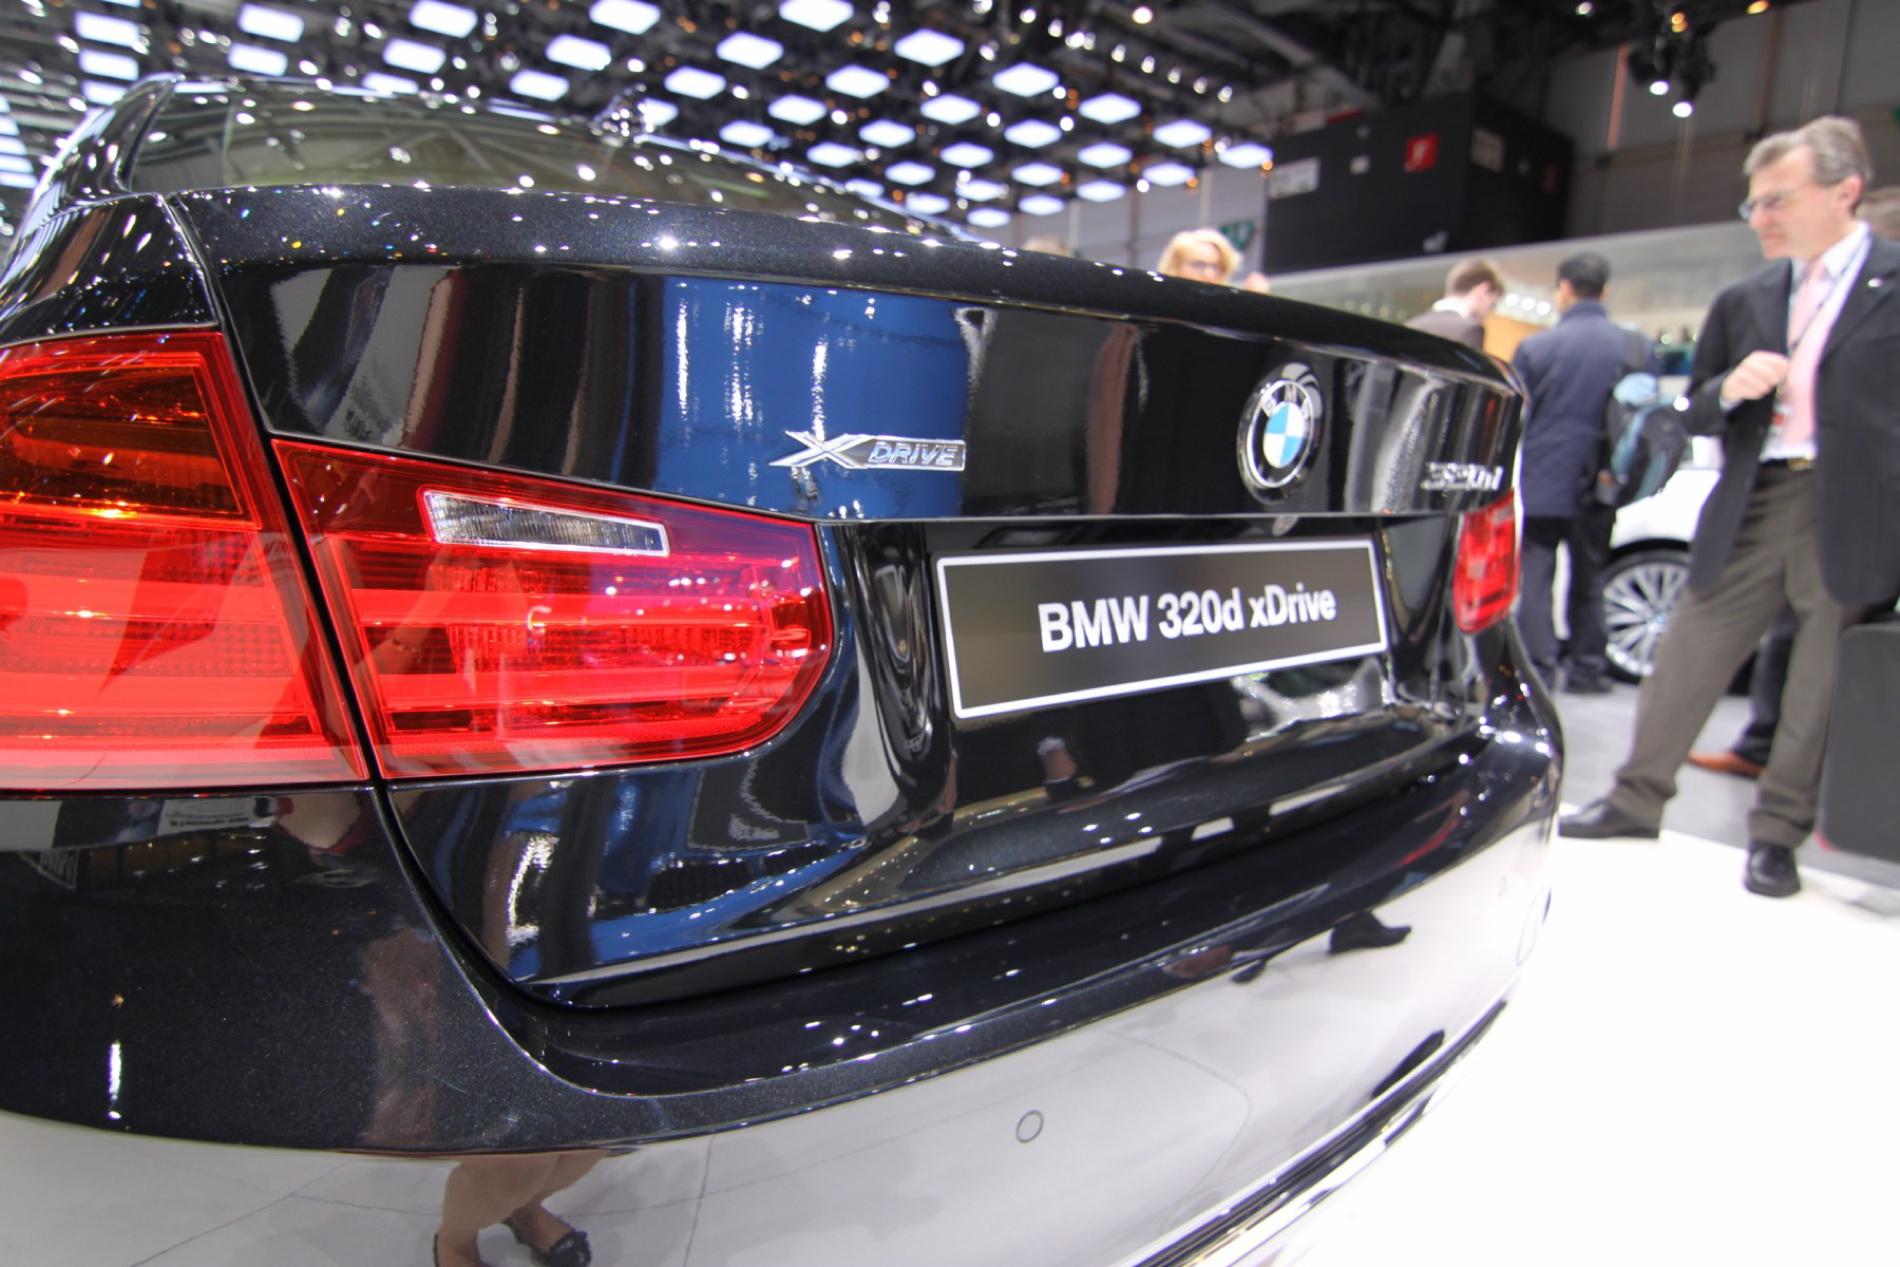 BMW 320d xdrive 06